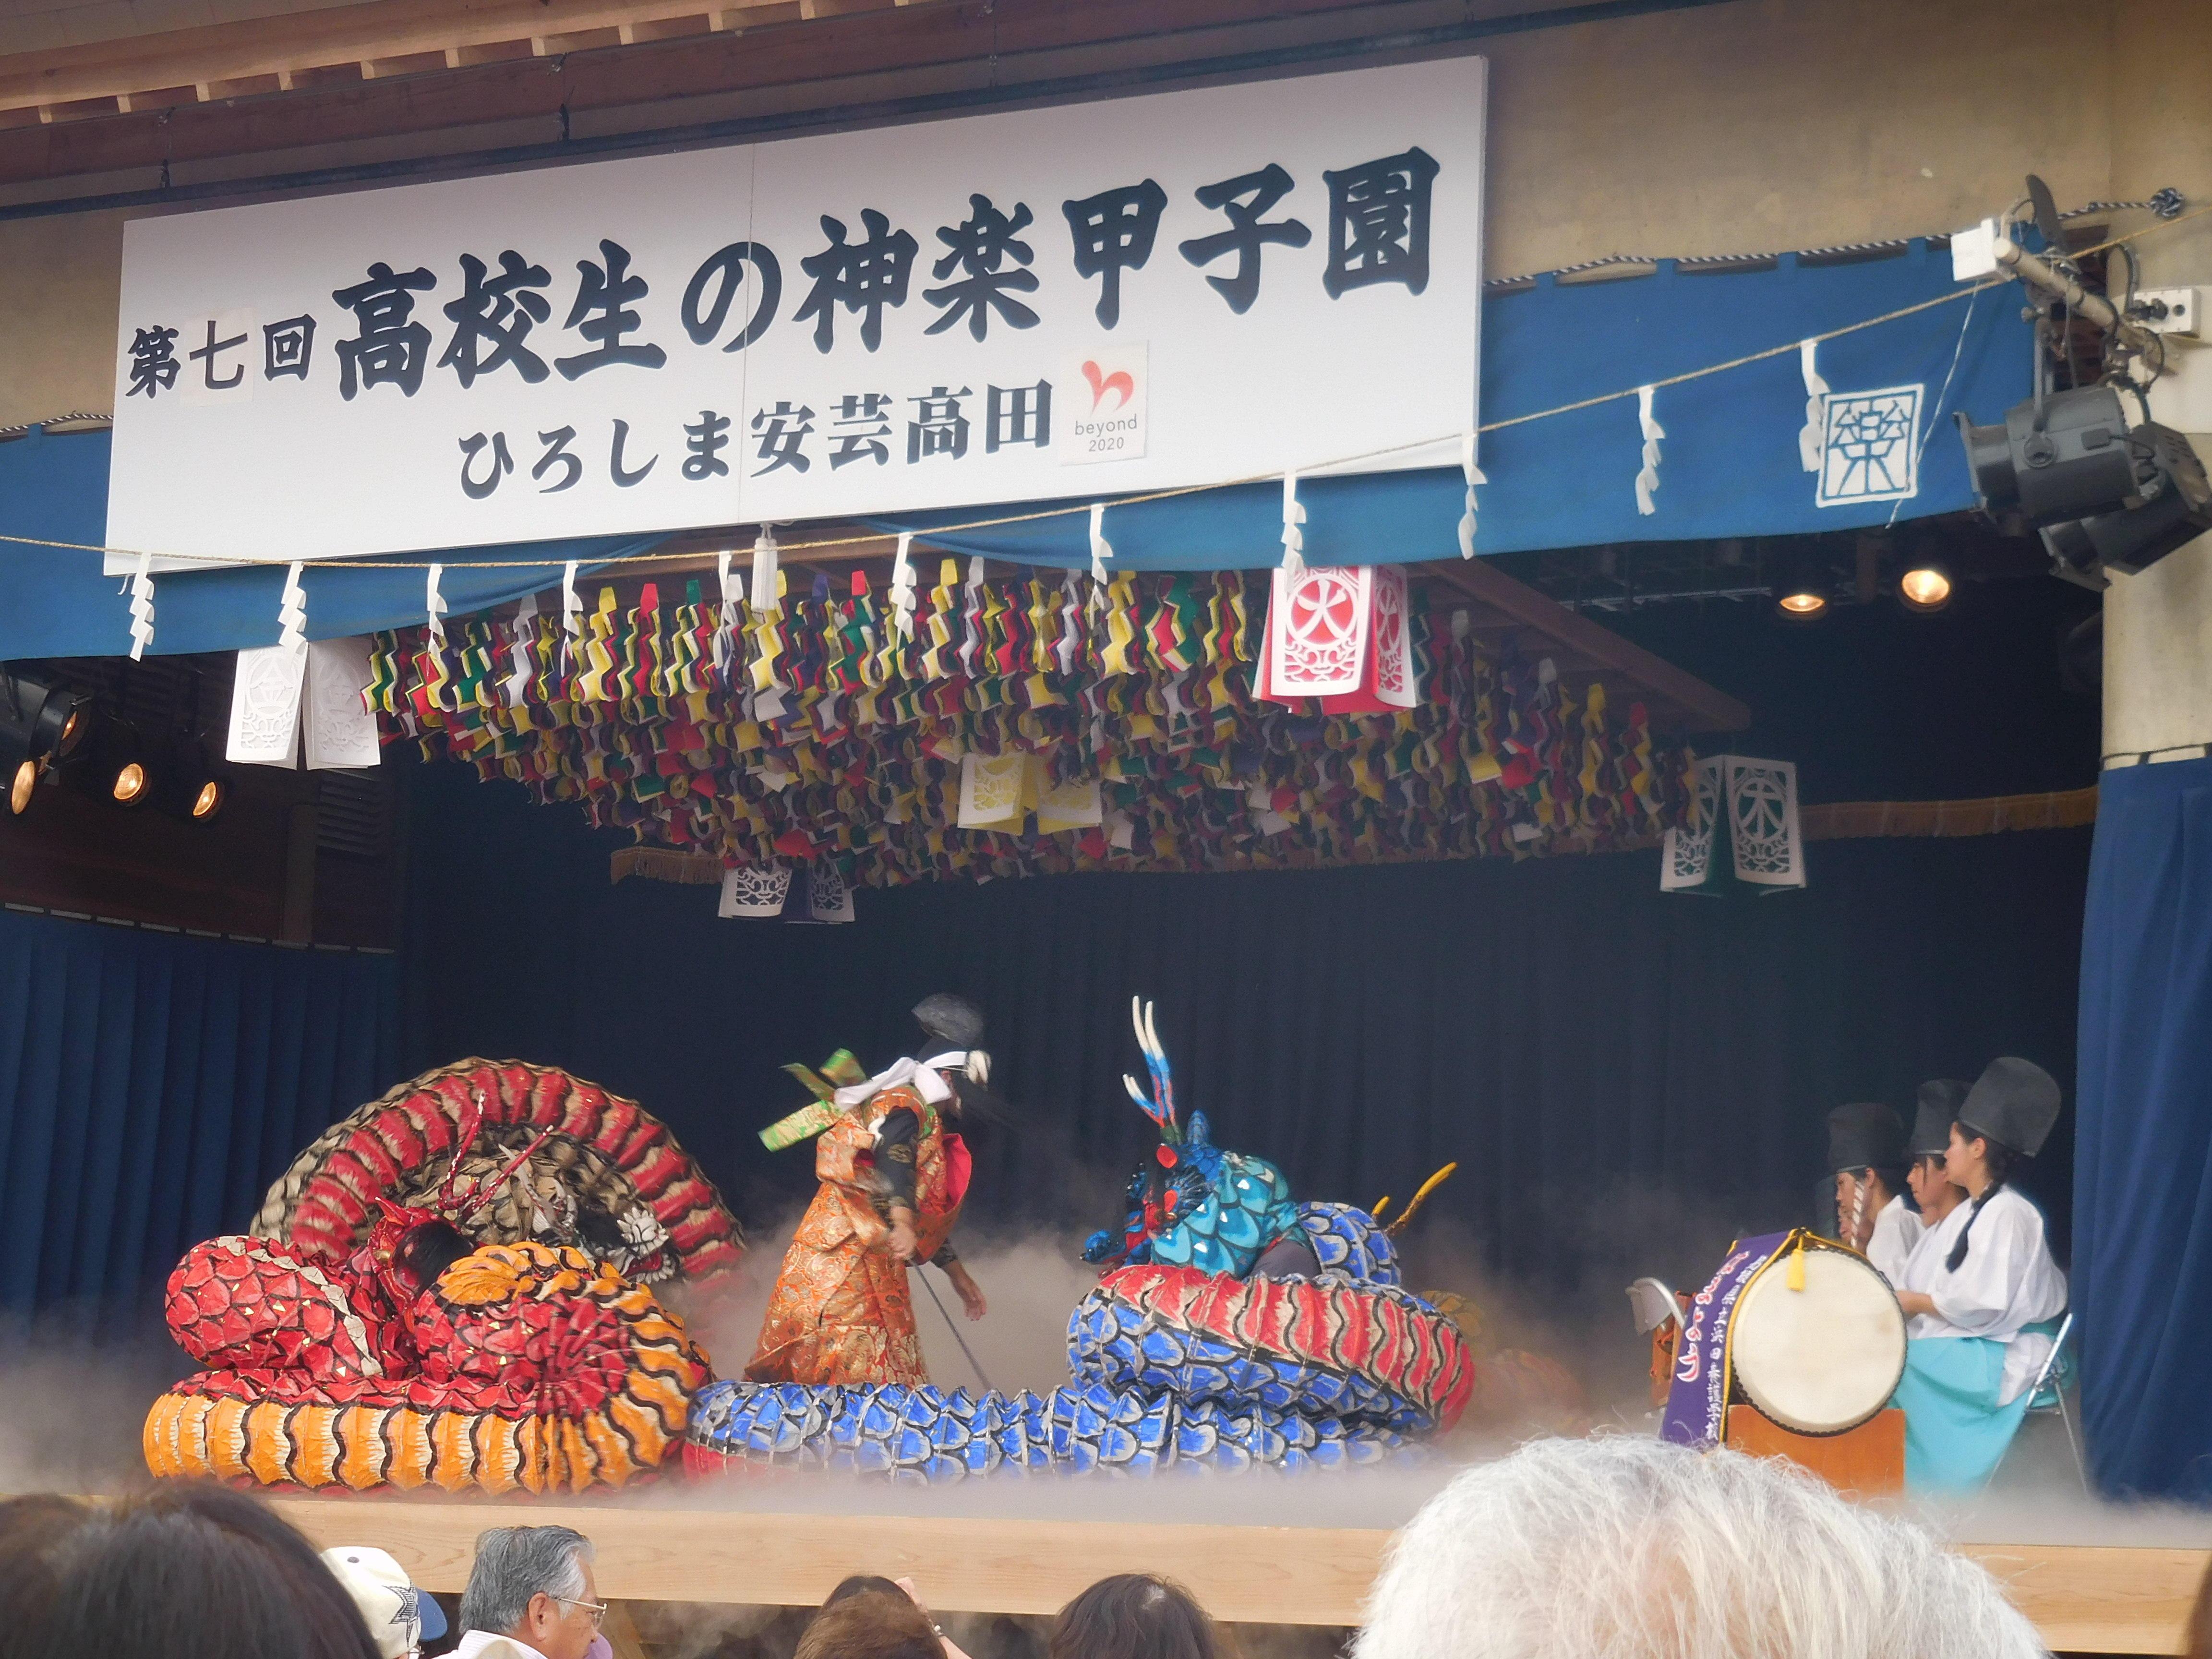 http://www.shimanet.ed.jp/hamadayougo/news/DSCN0495.JPG